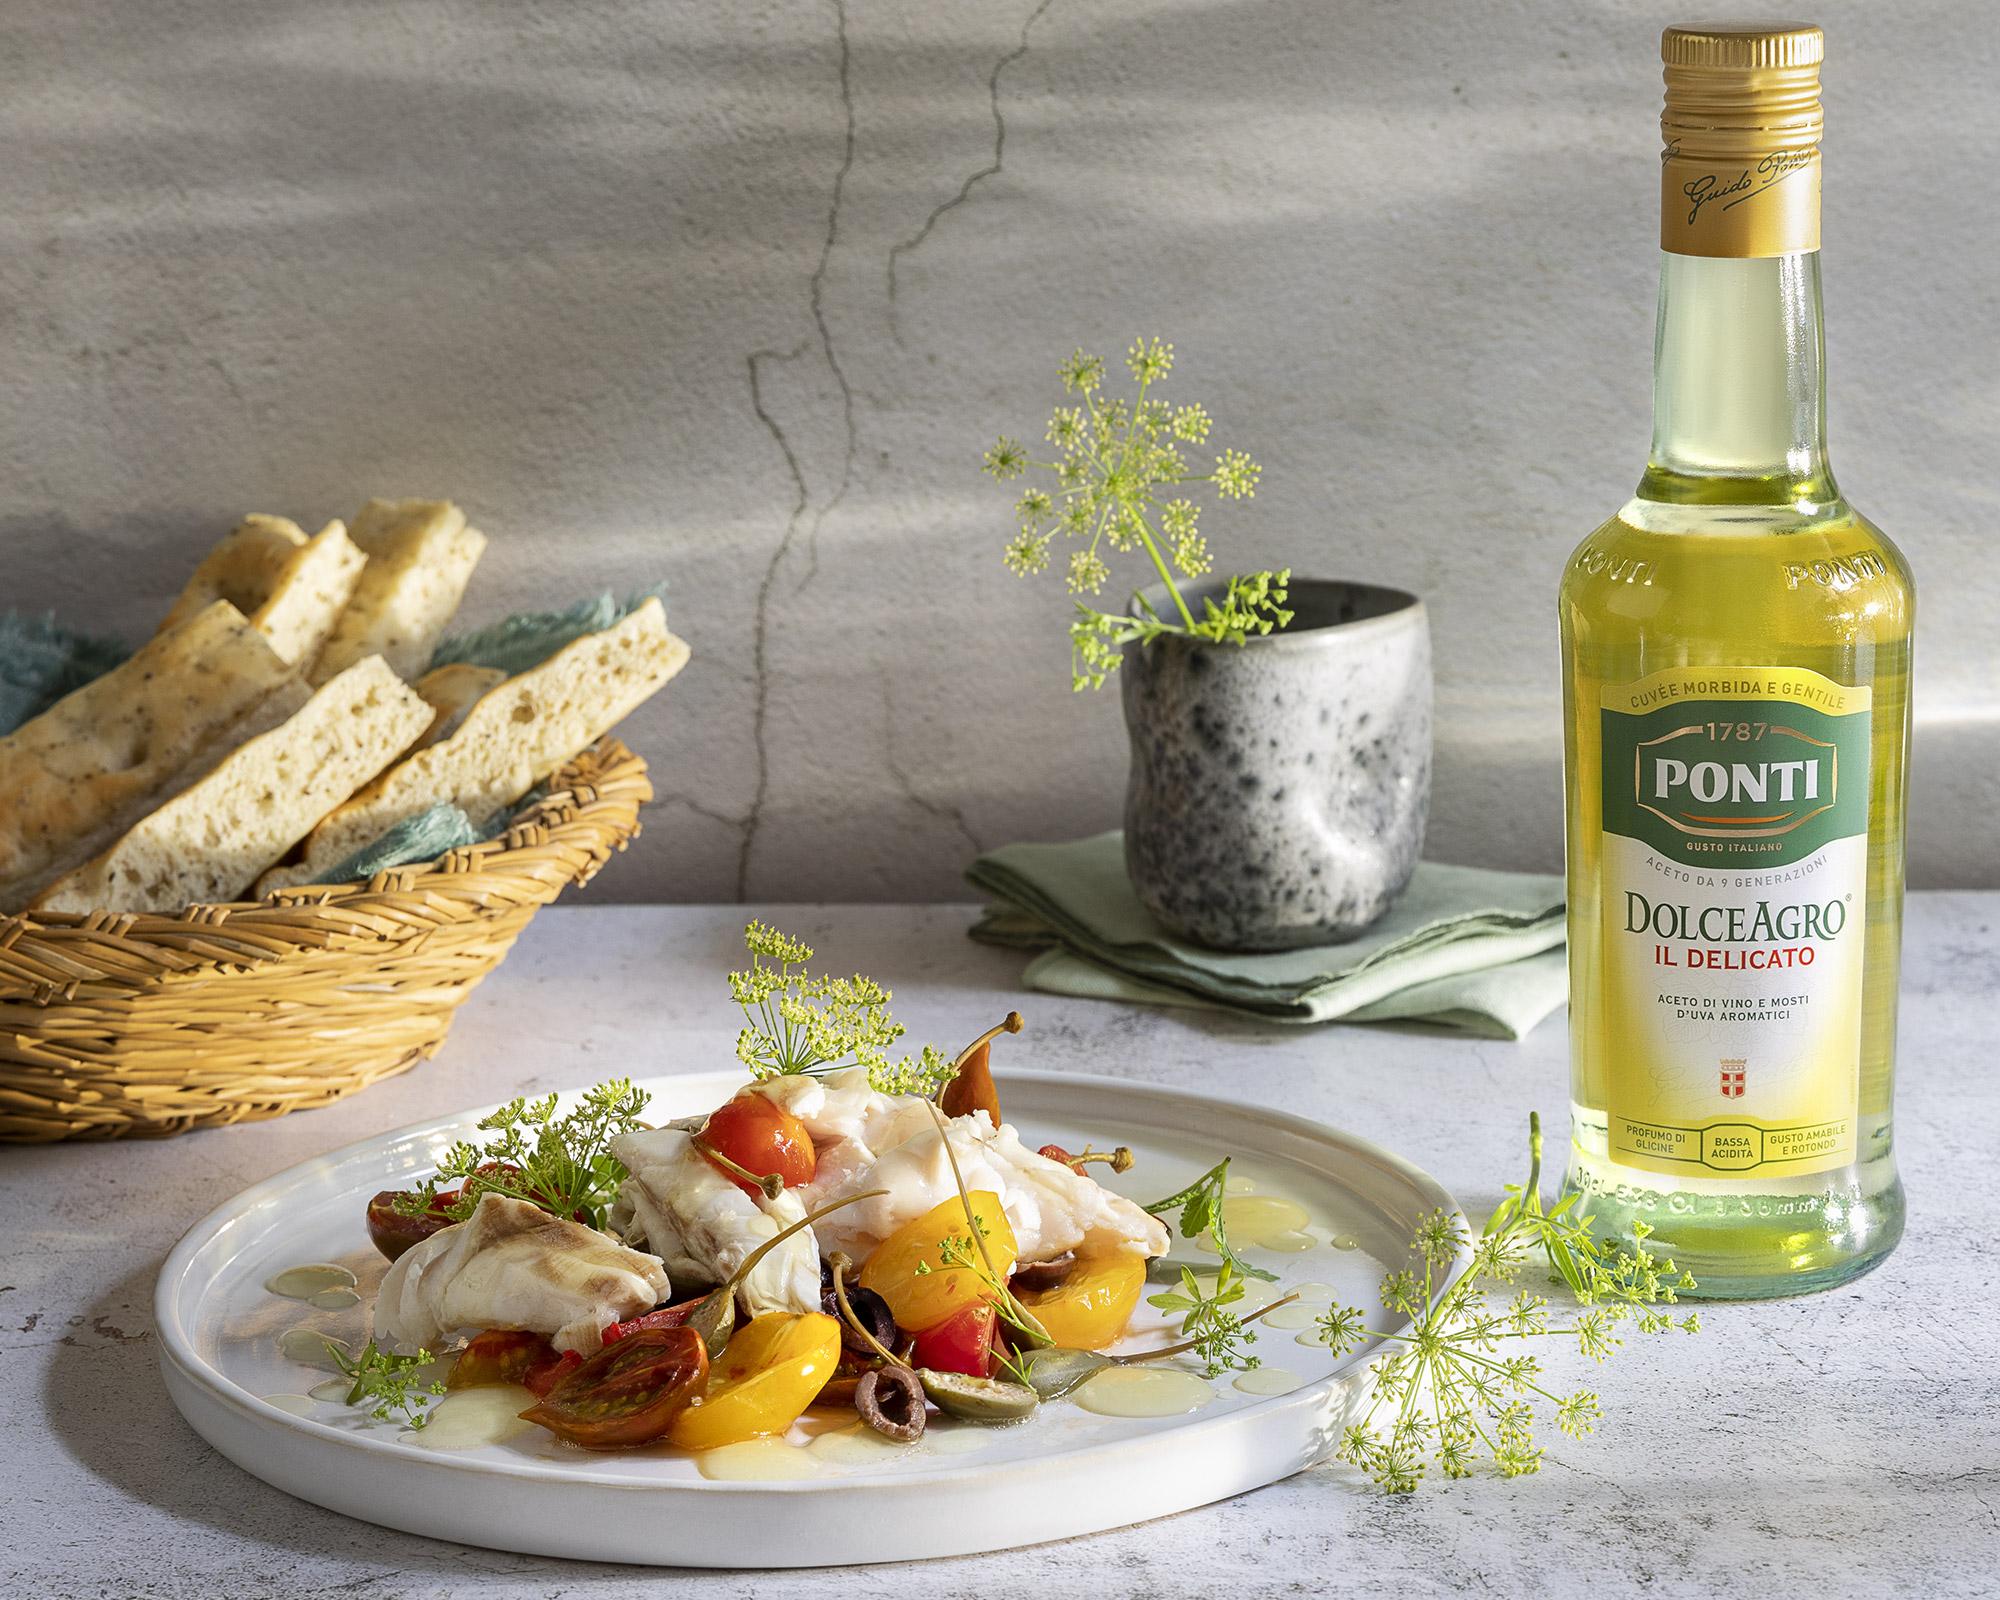 Cernia al forno con pomodori olive taggiasche capperi origano e agro - Ponti